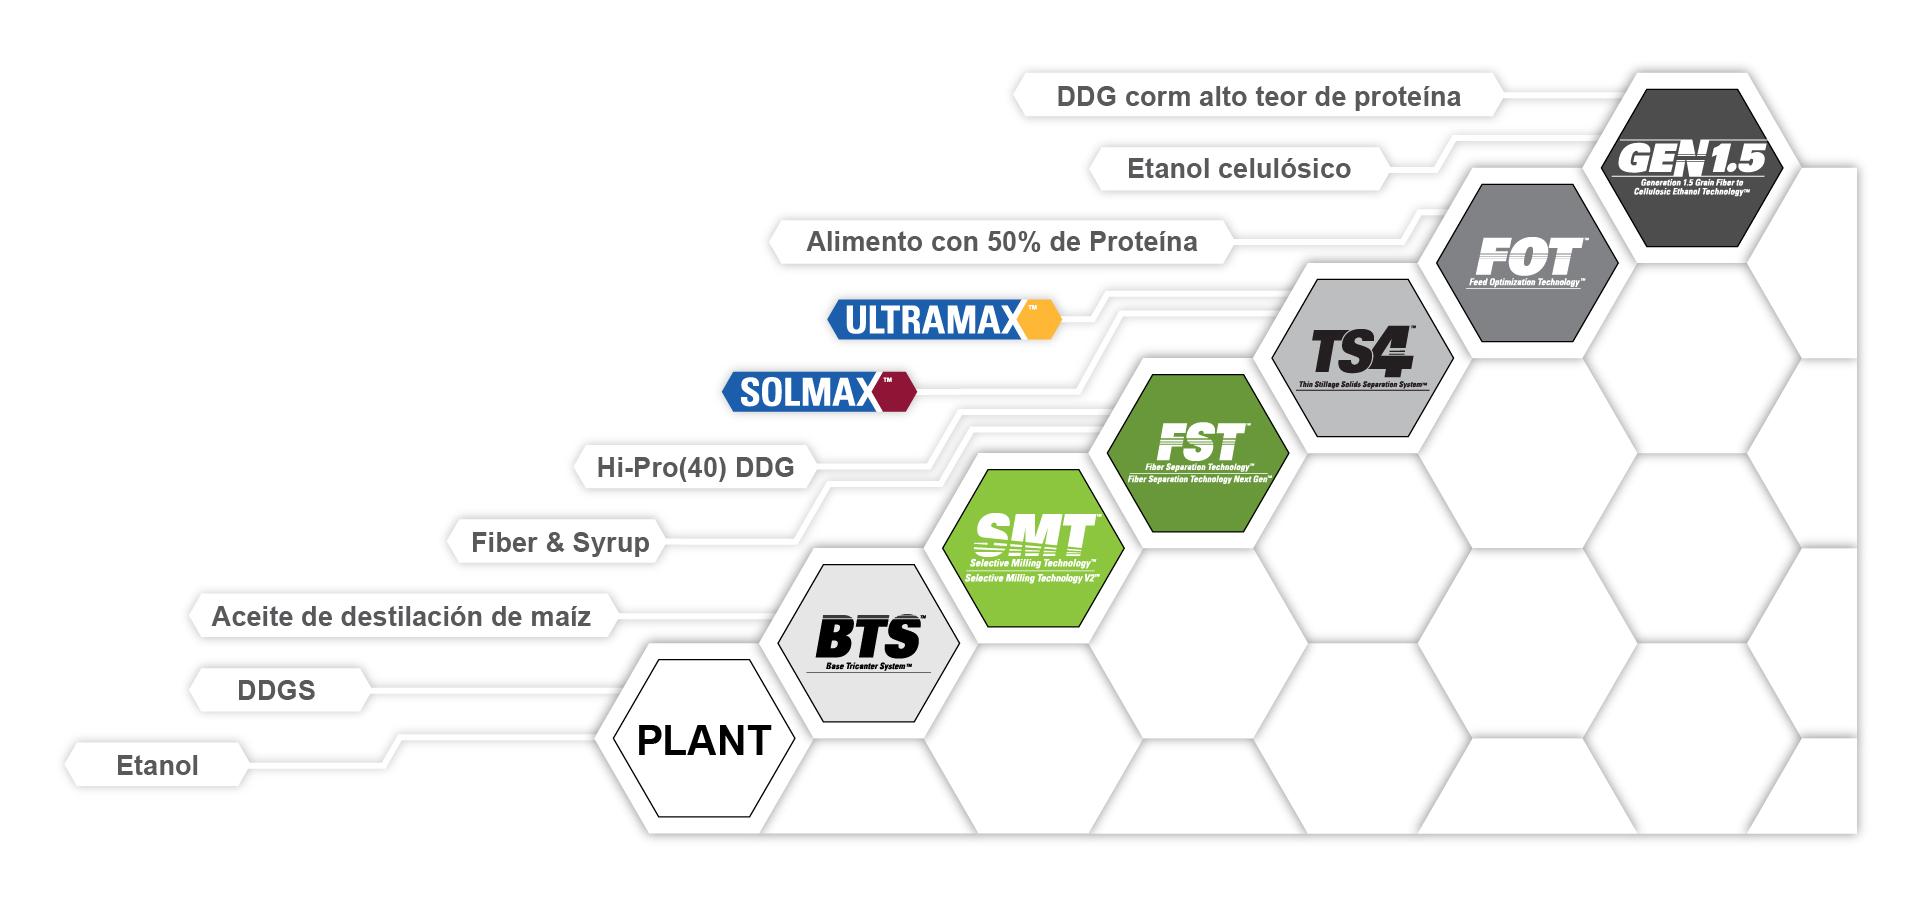 Tecnologías de la plataforma de ICM y productos alimenticios